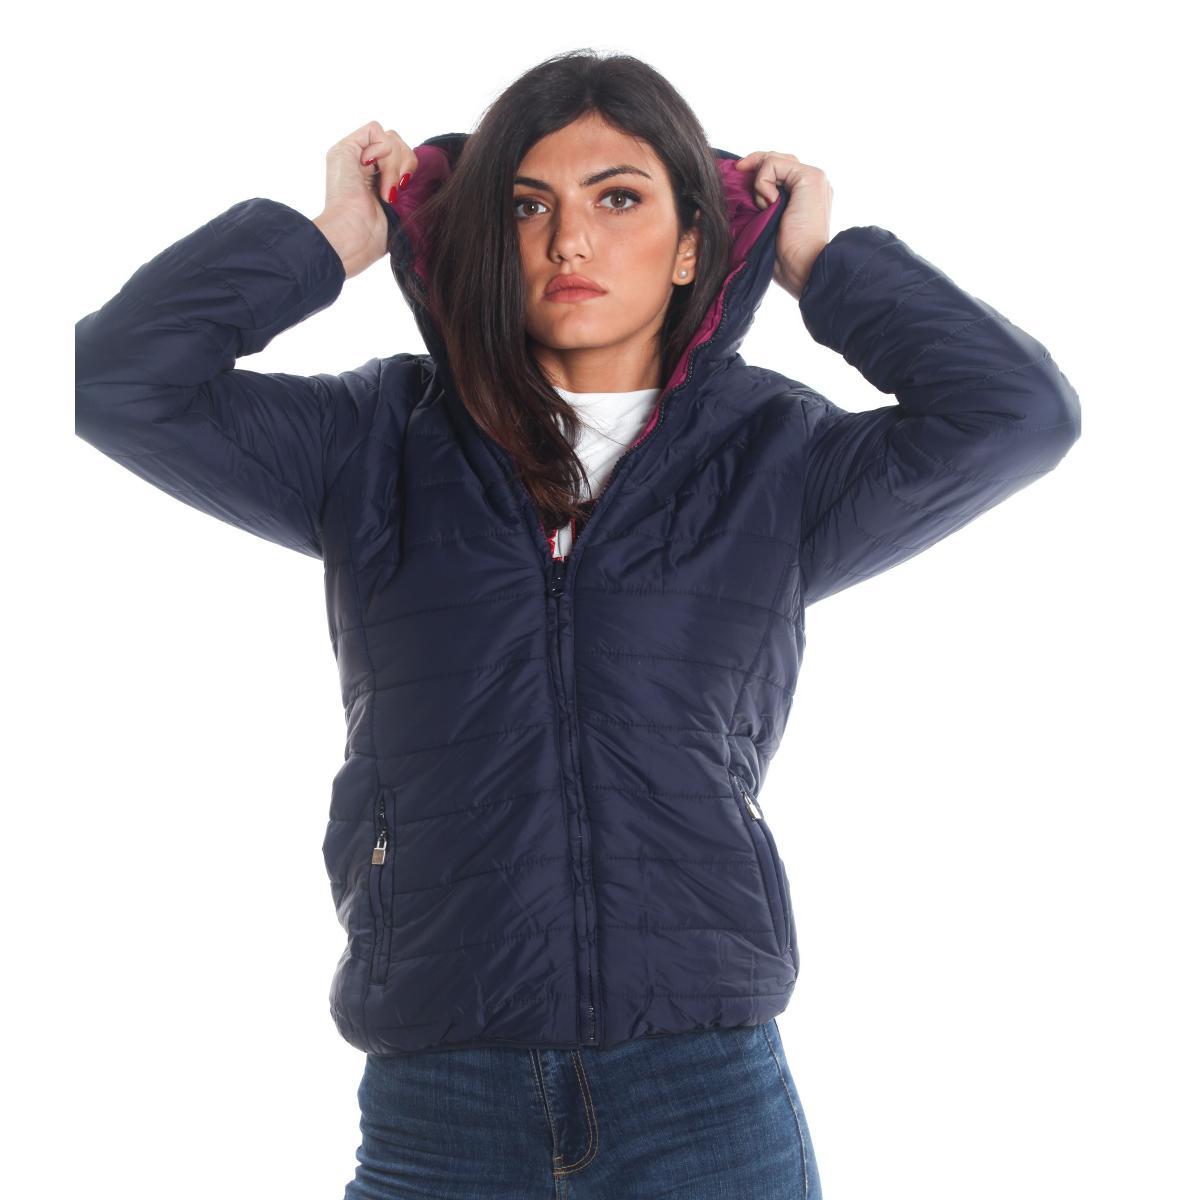 Giubbotto piumino 100 grammi double face con cappuccio da donna rif. Z821D